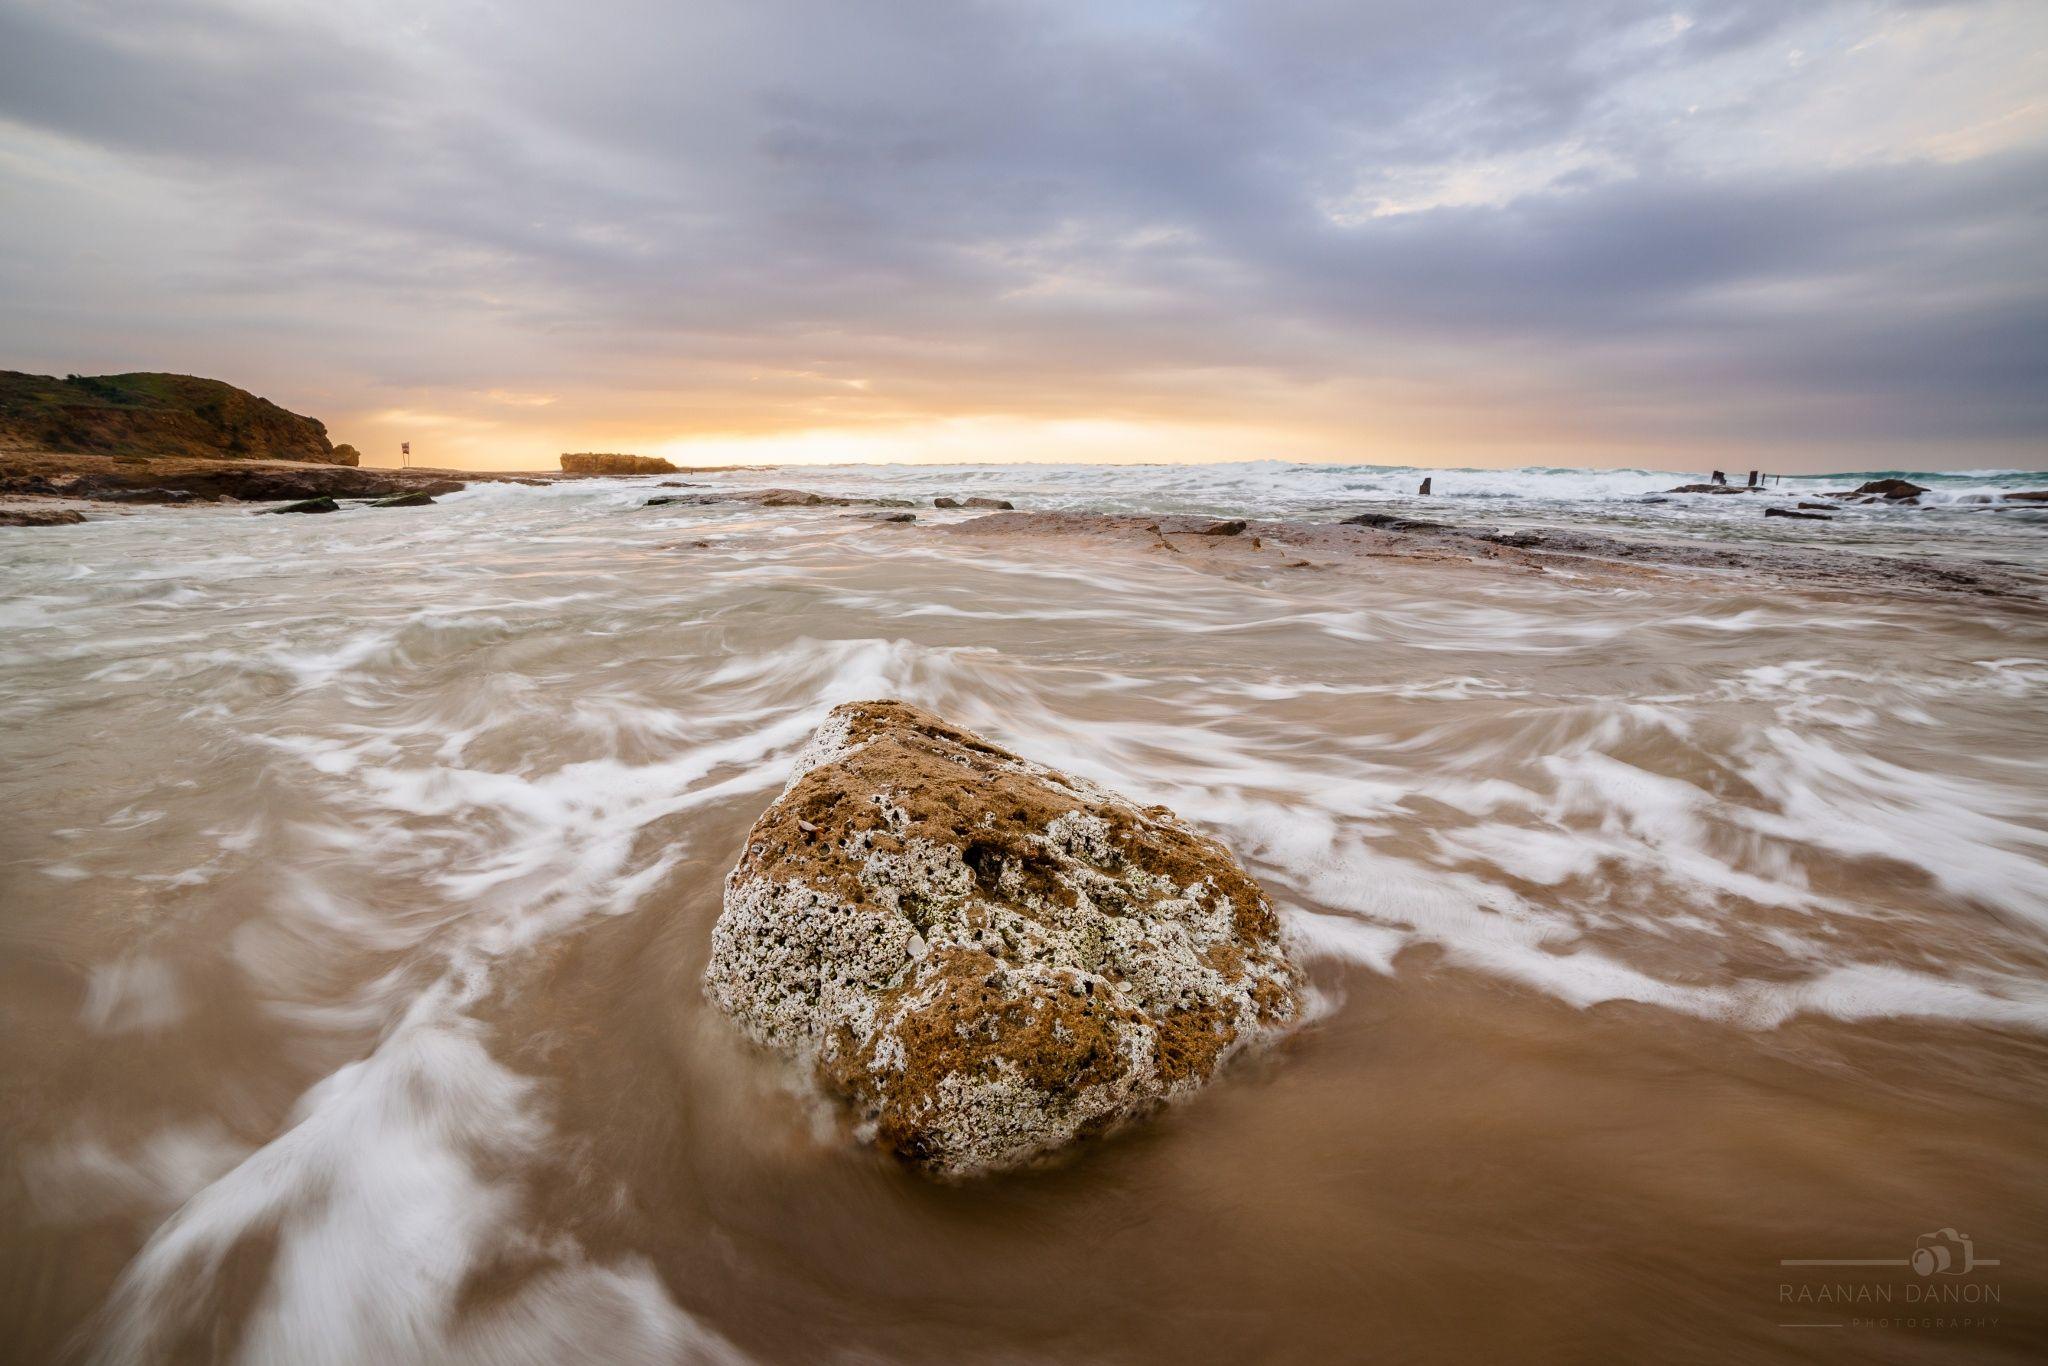 White Rock at Sunset - White Rock at Sunset, Palmahim Beach